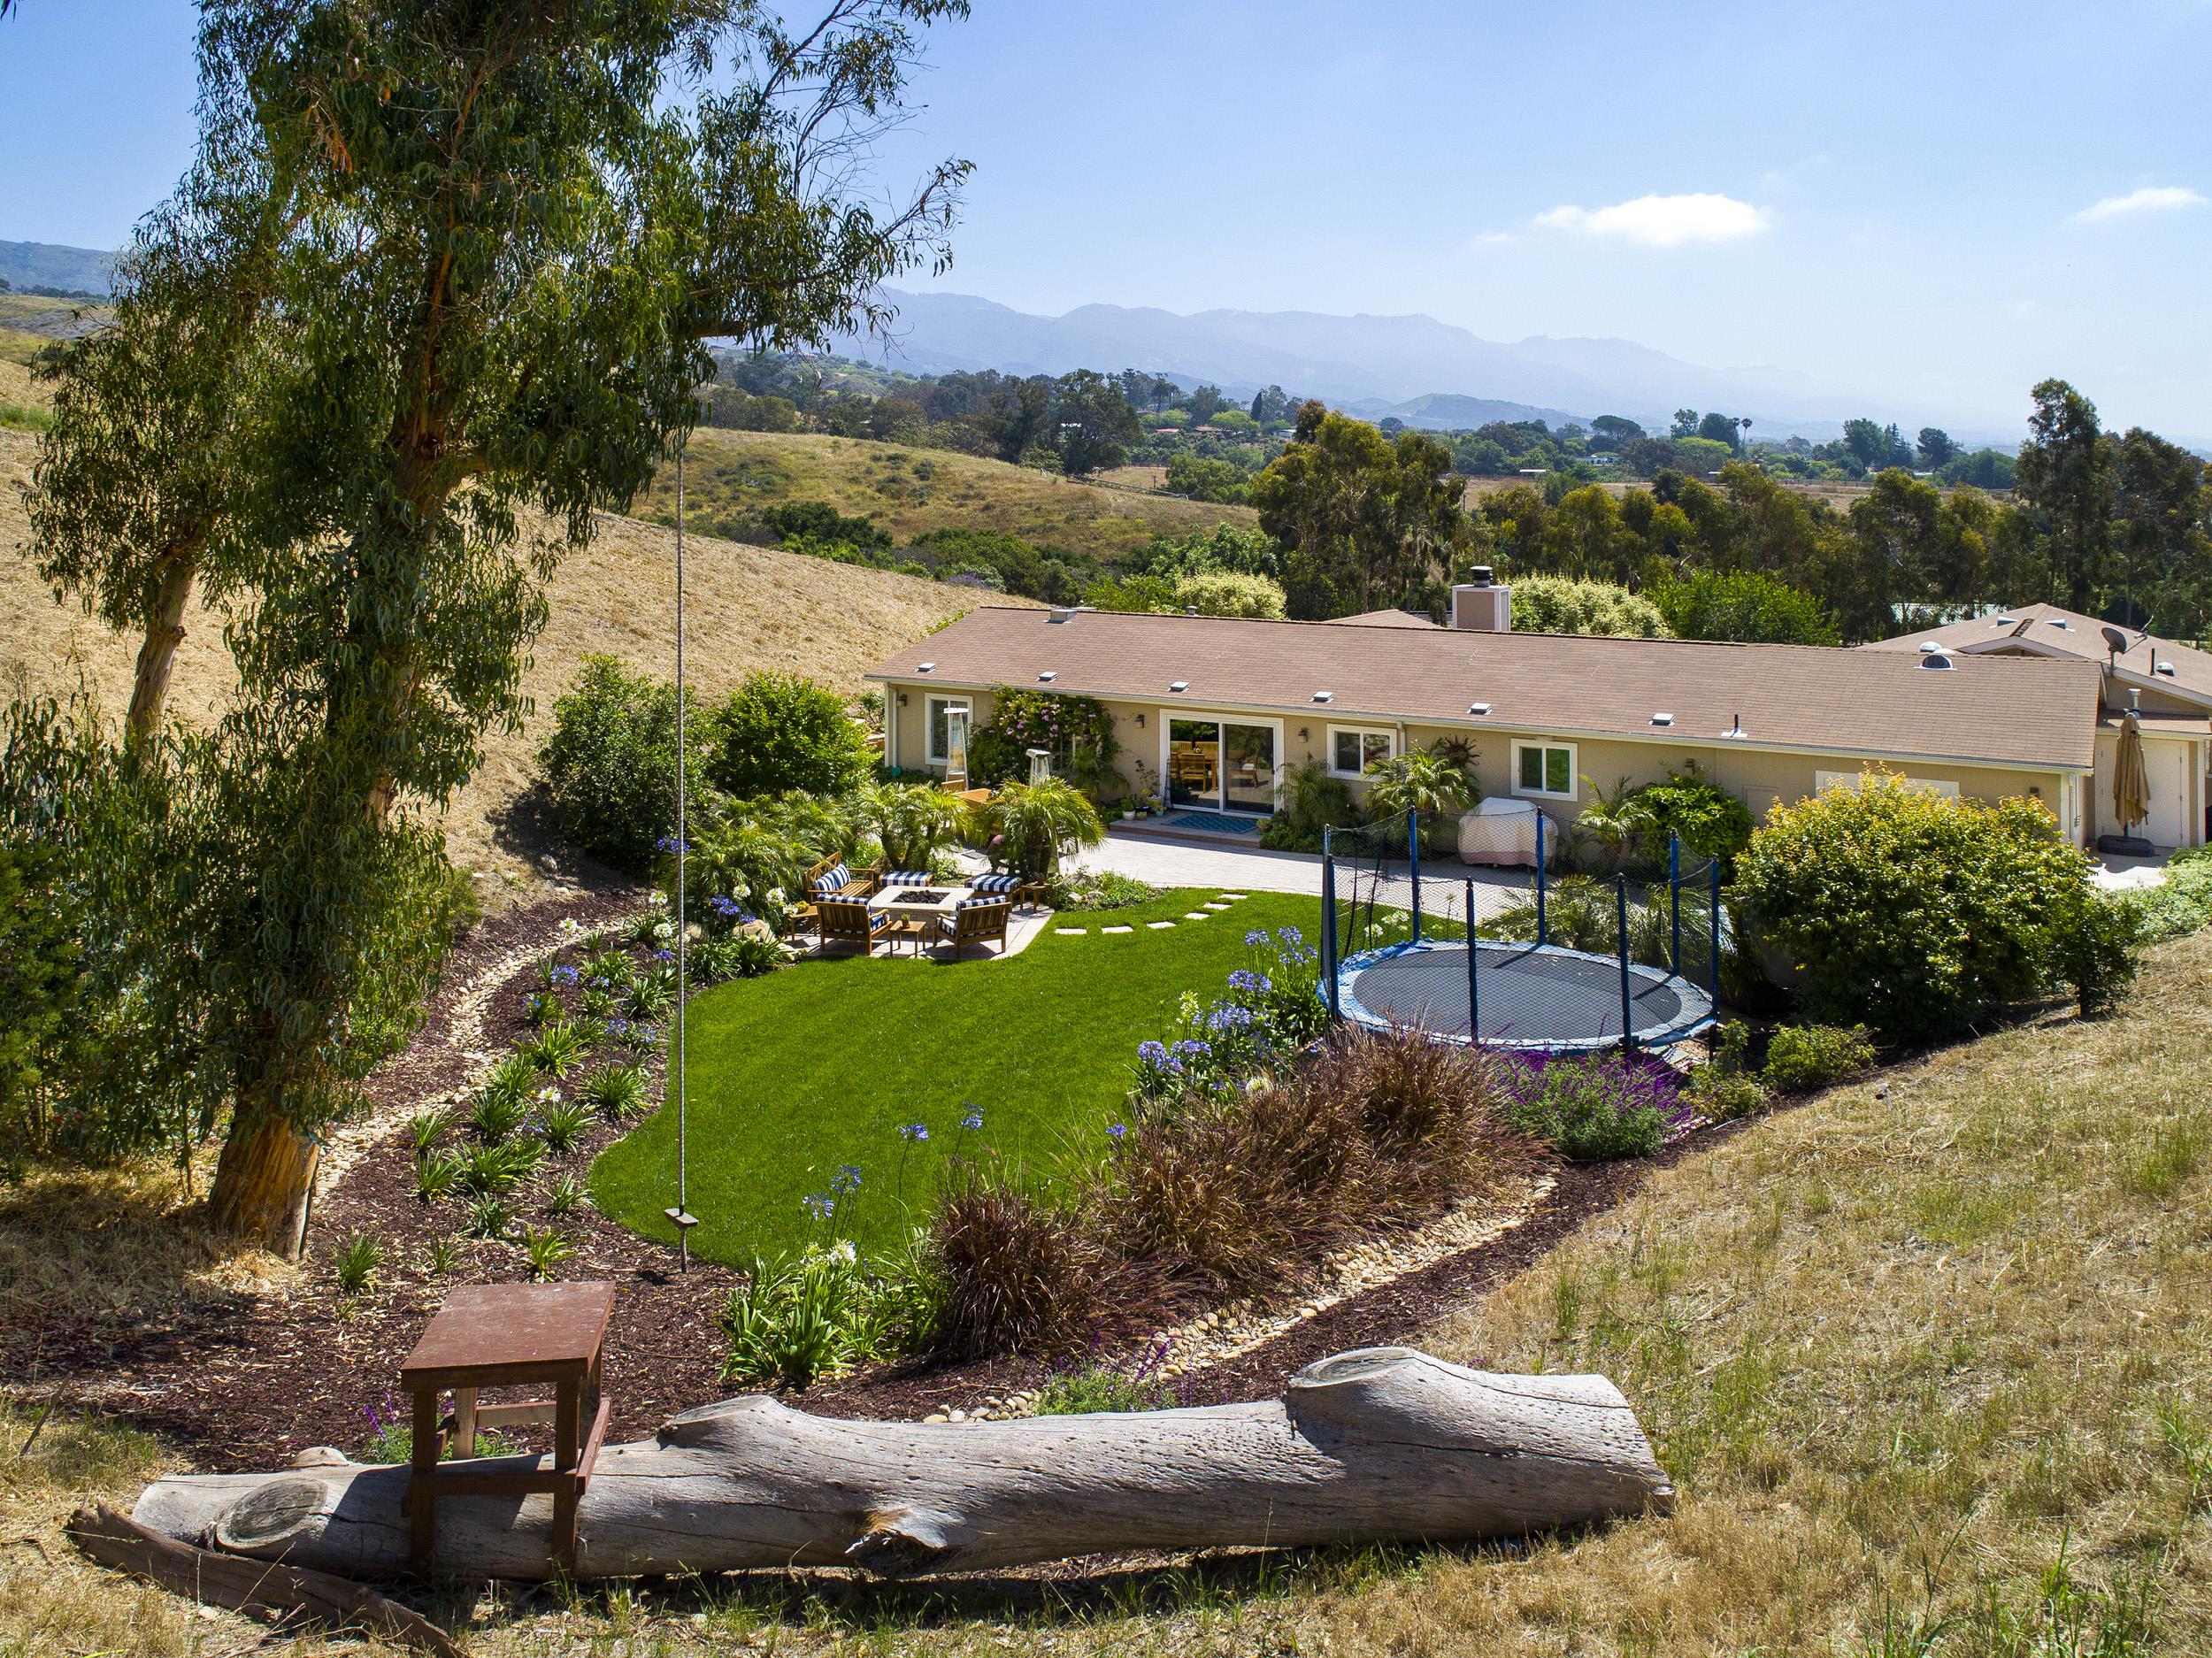 1225 Franklin Ranch, Goleta - $2,095,000